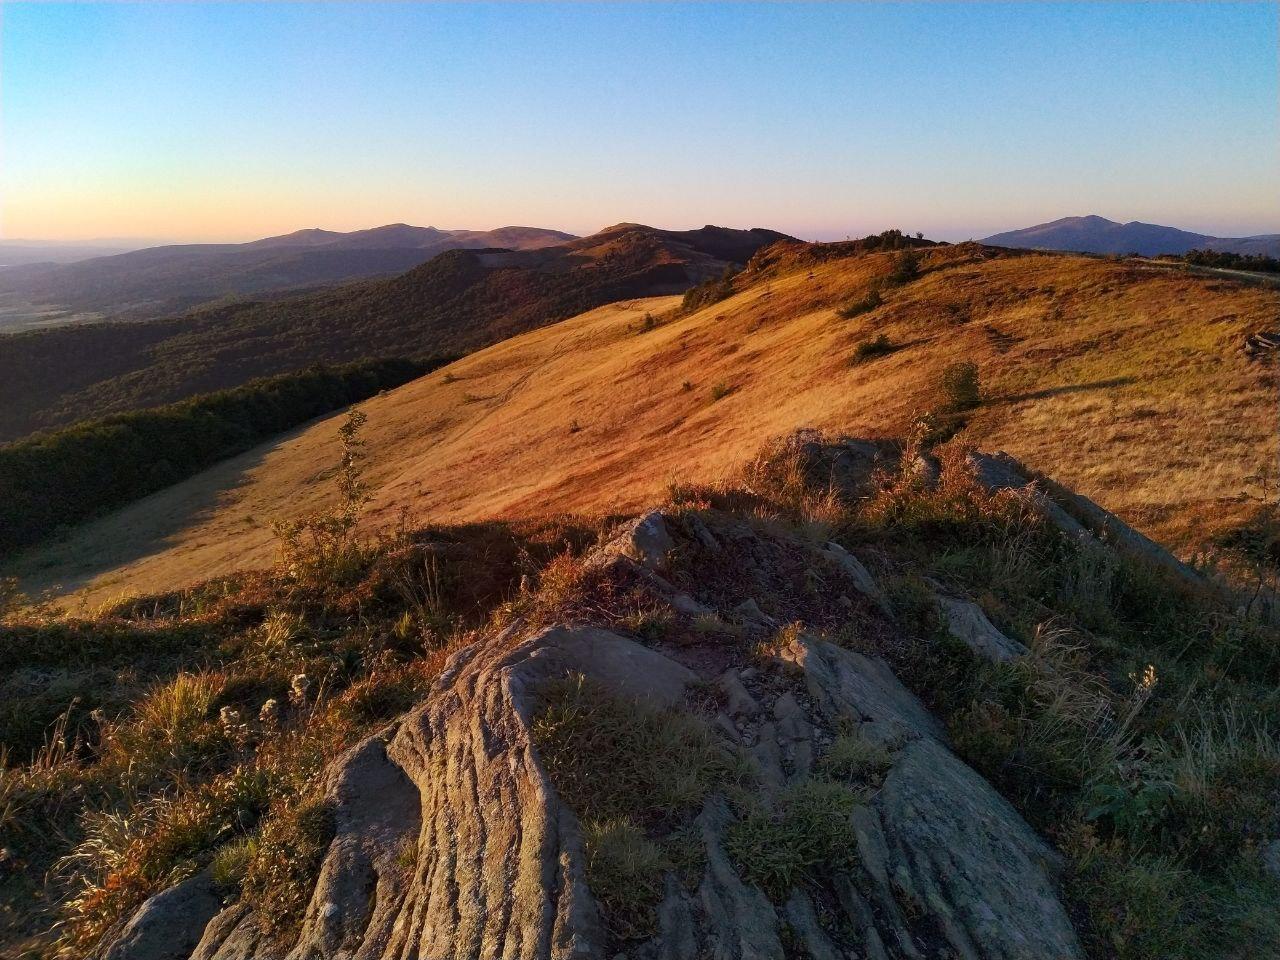 Закарпатський туристичний шлях, частина 1 (Великий Березний – Біласовиця)